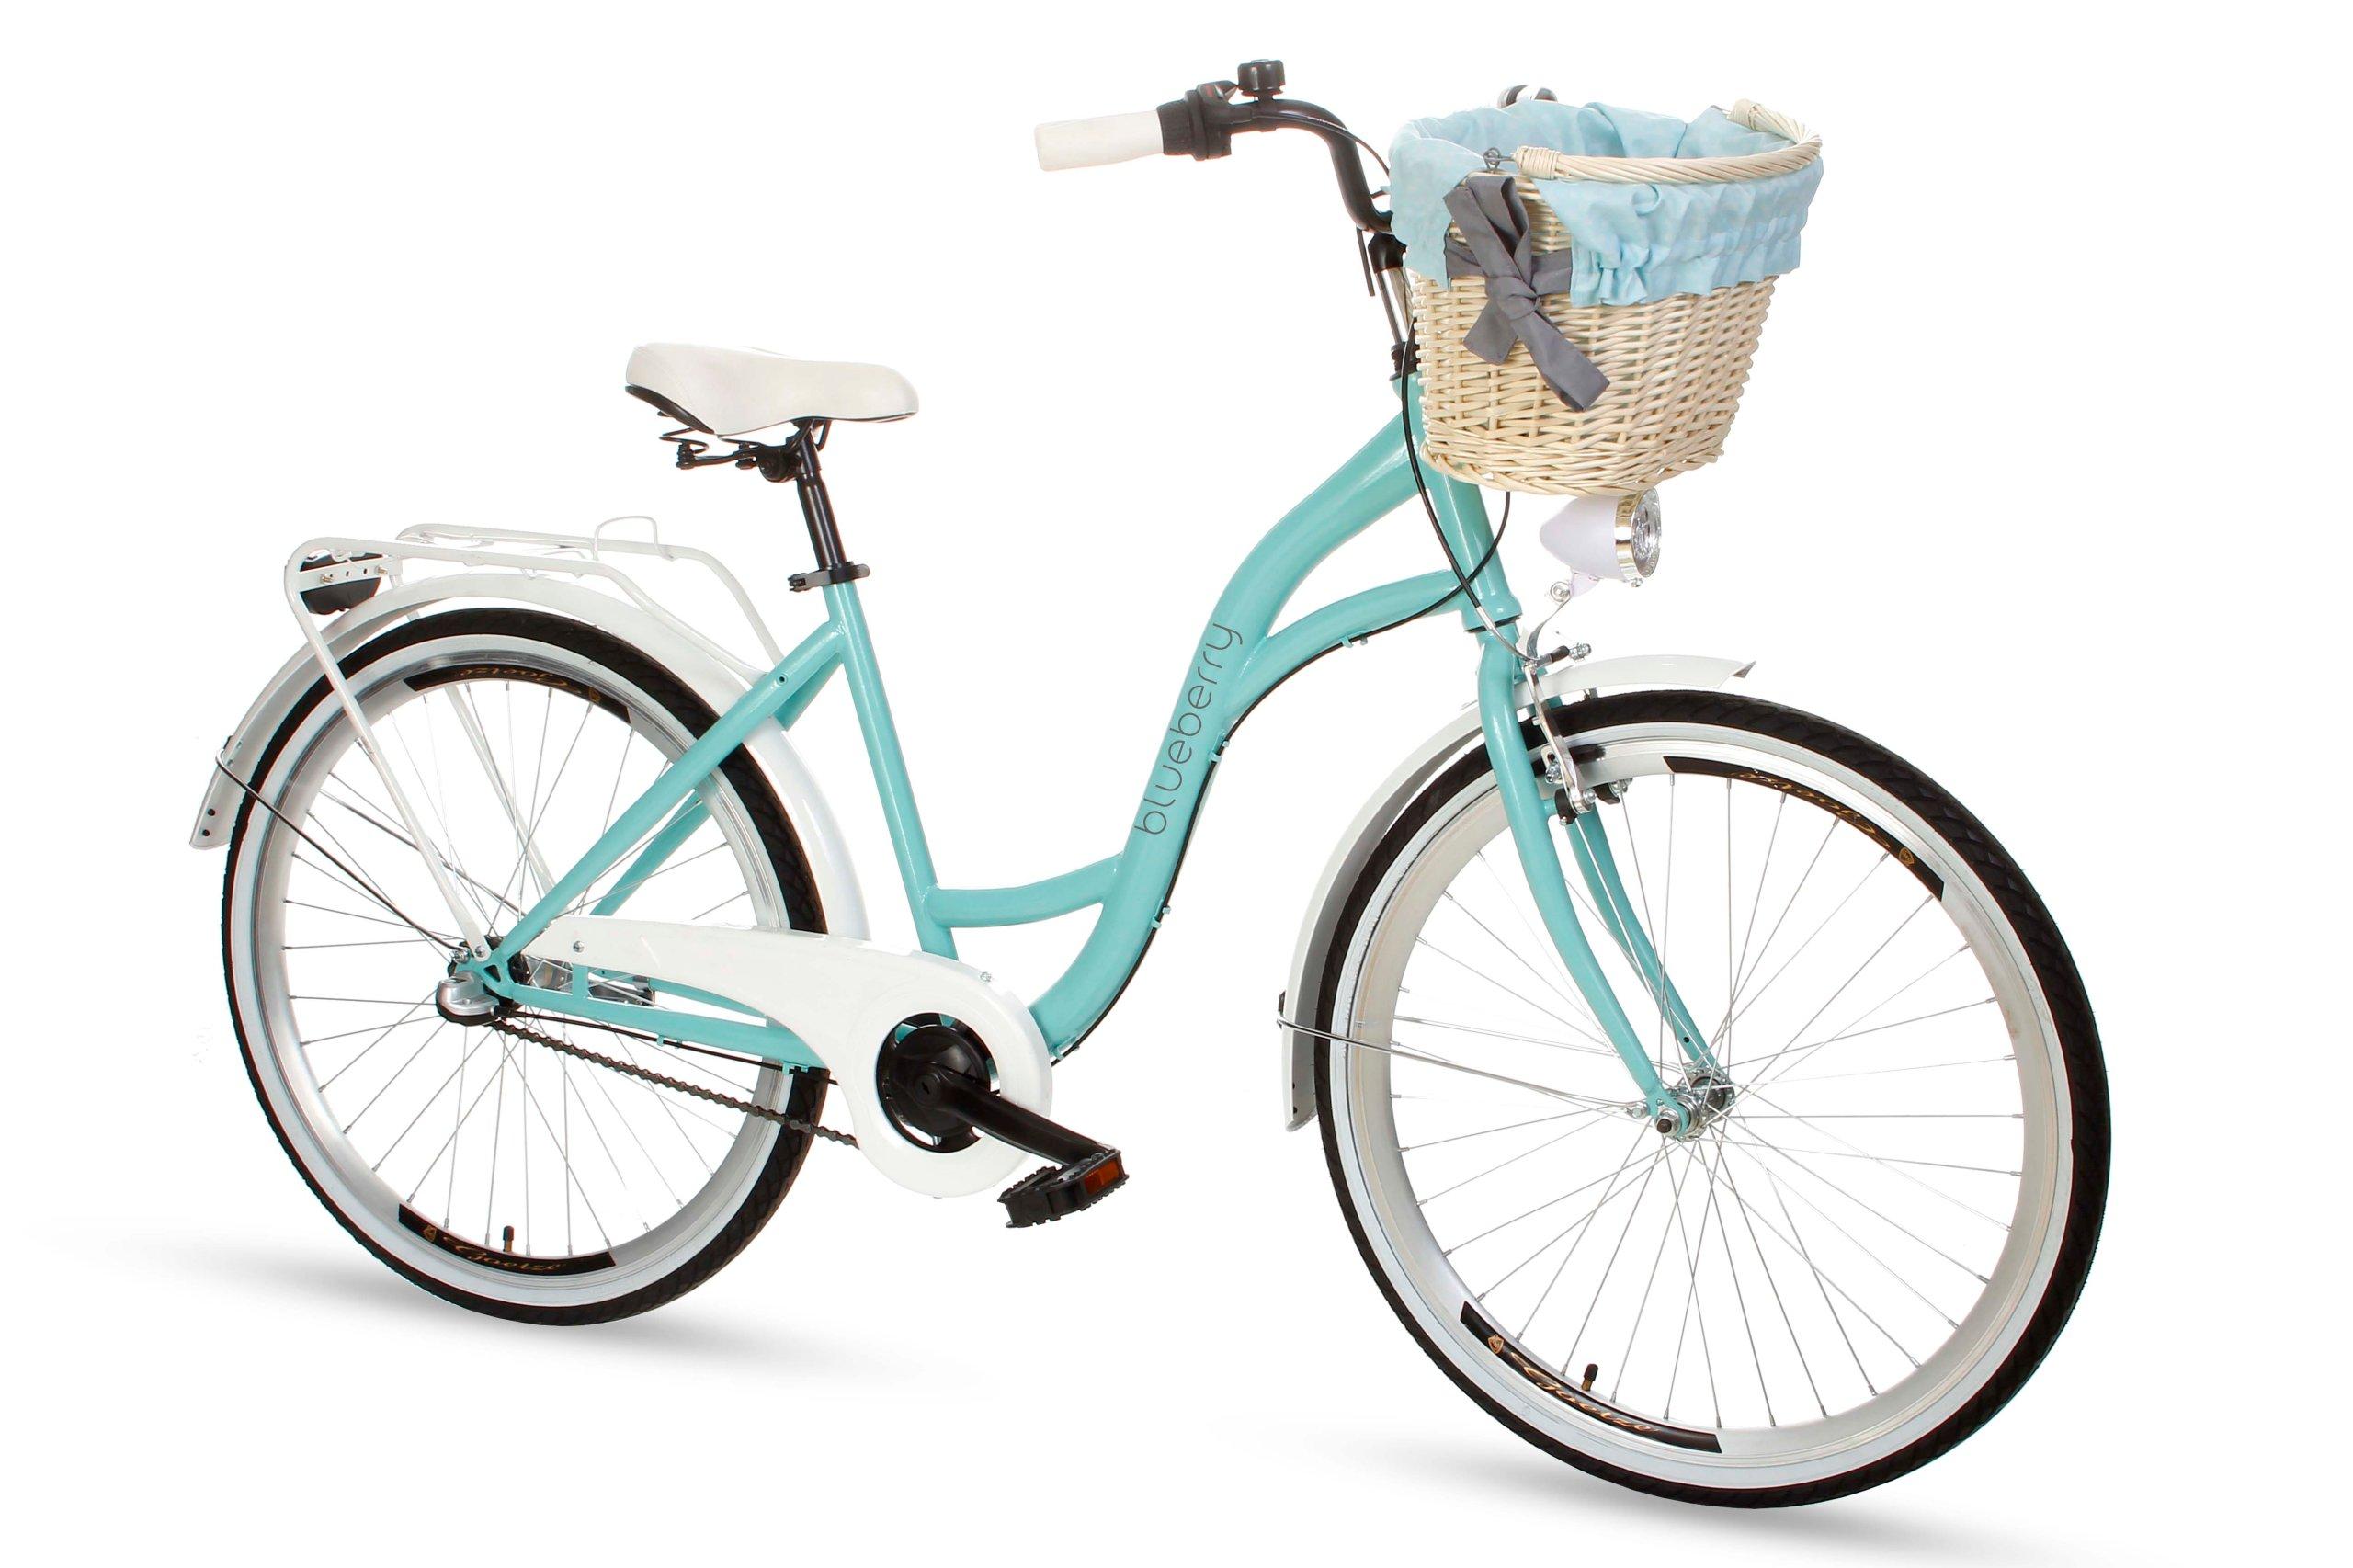 Dámsky mestský bicykel Goetze BLUEBERRY 26 3b košík!  Značka Goetze